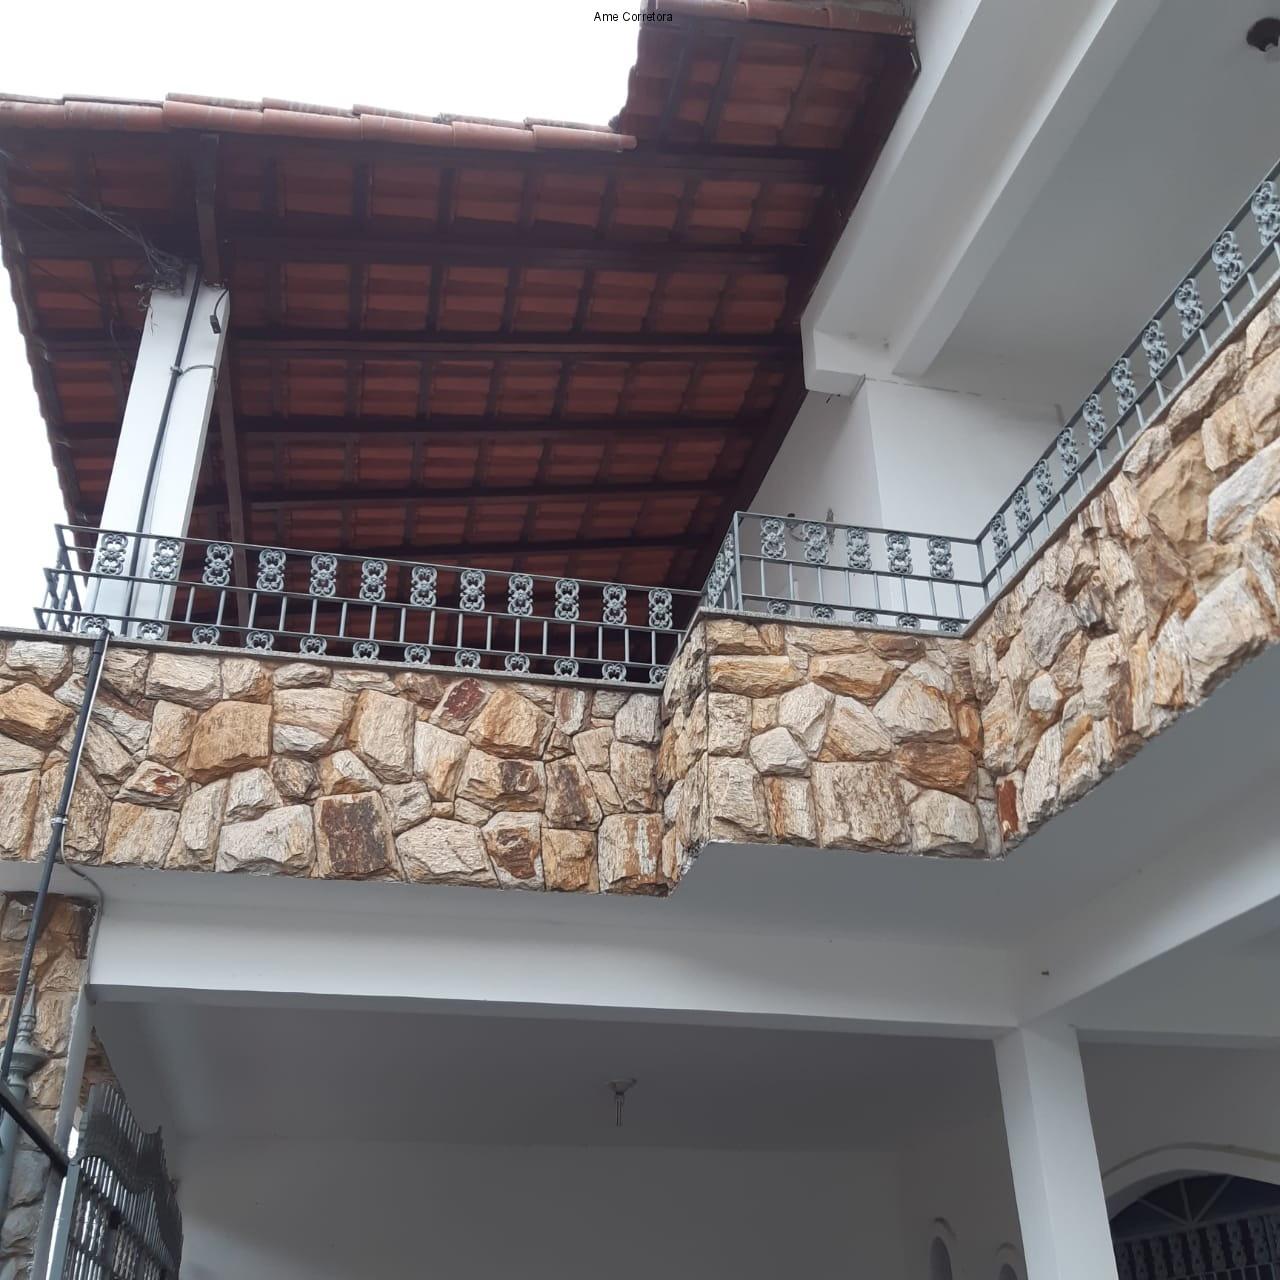 FOTO 50 - Casa 3 quartos à venda Campo Grande, Rio de Janeiro - R$ 370.000 - CA00613 - 51